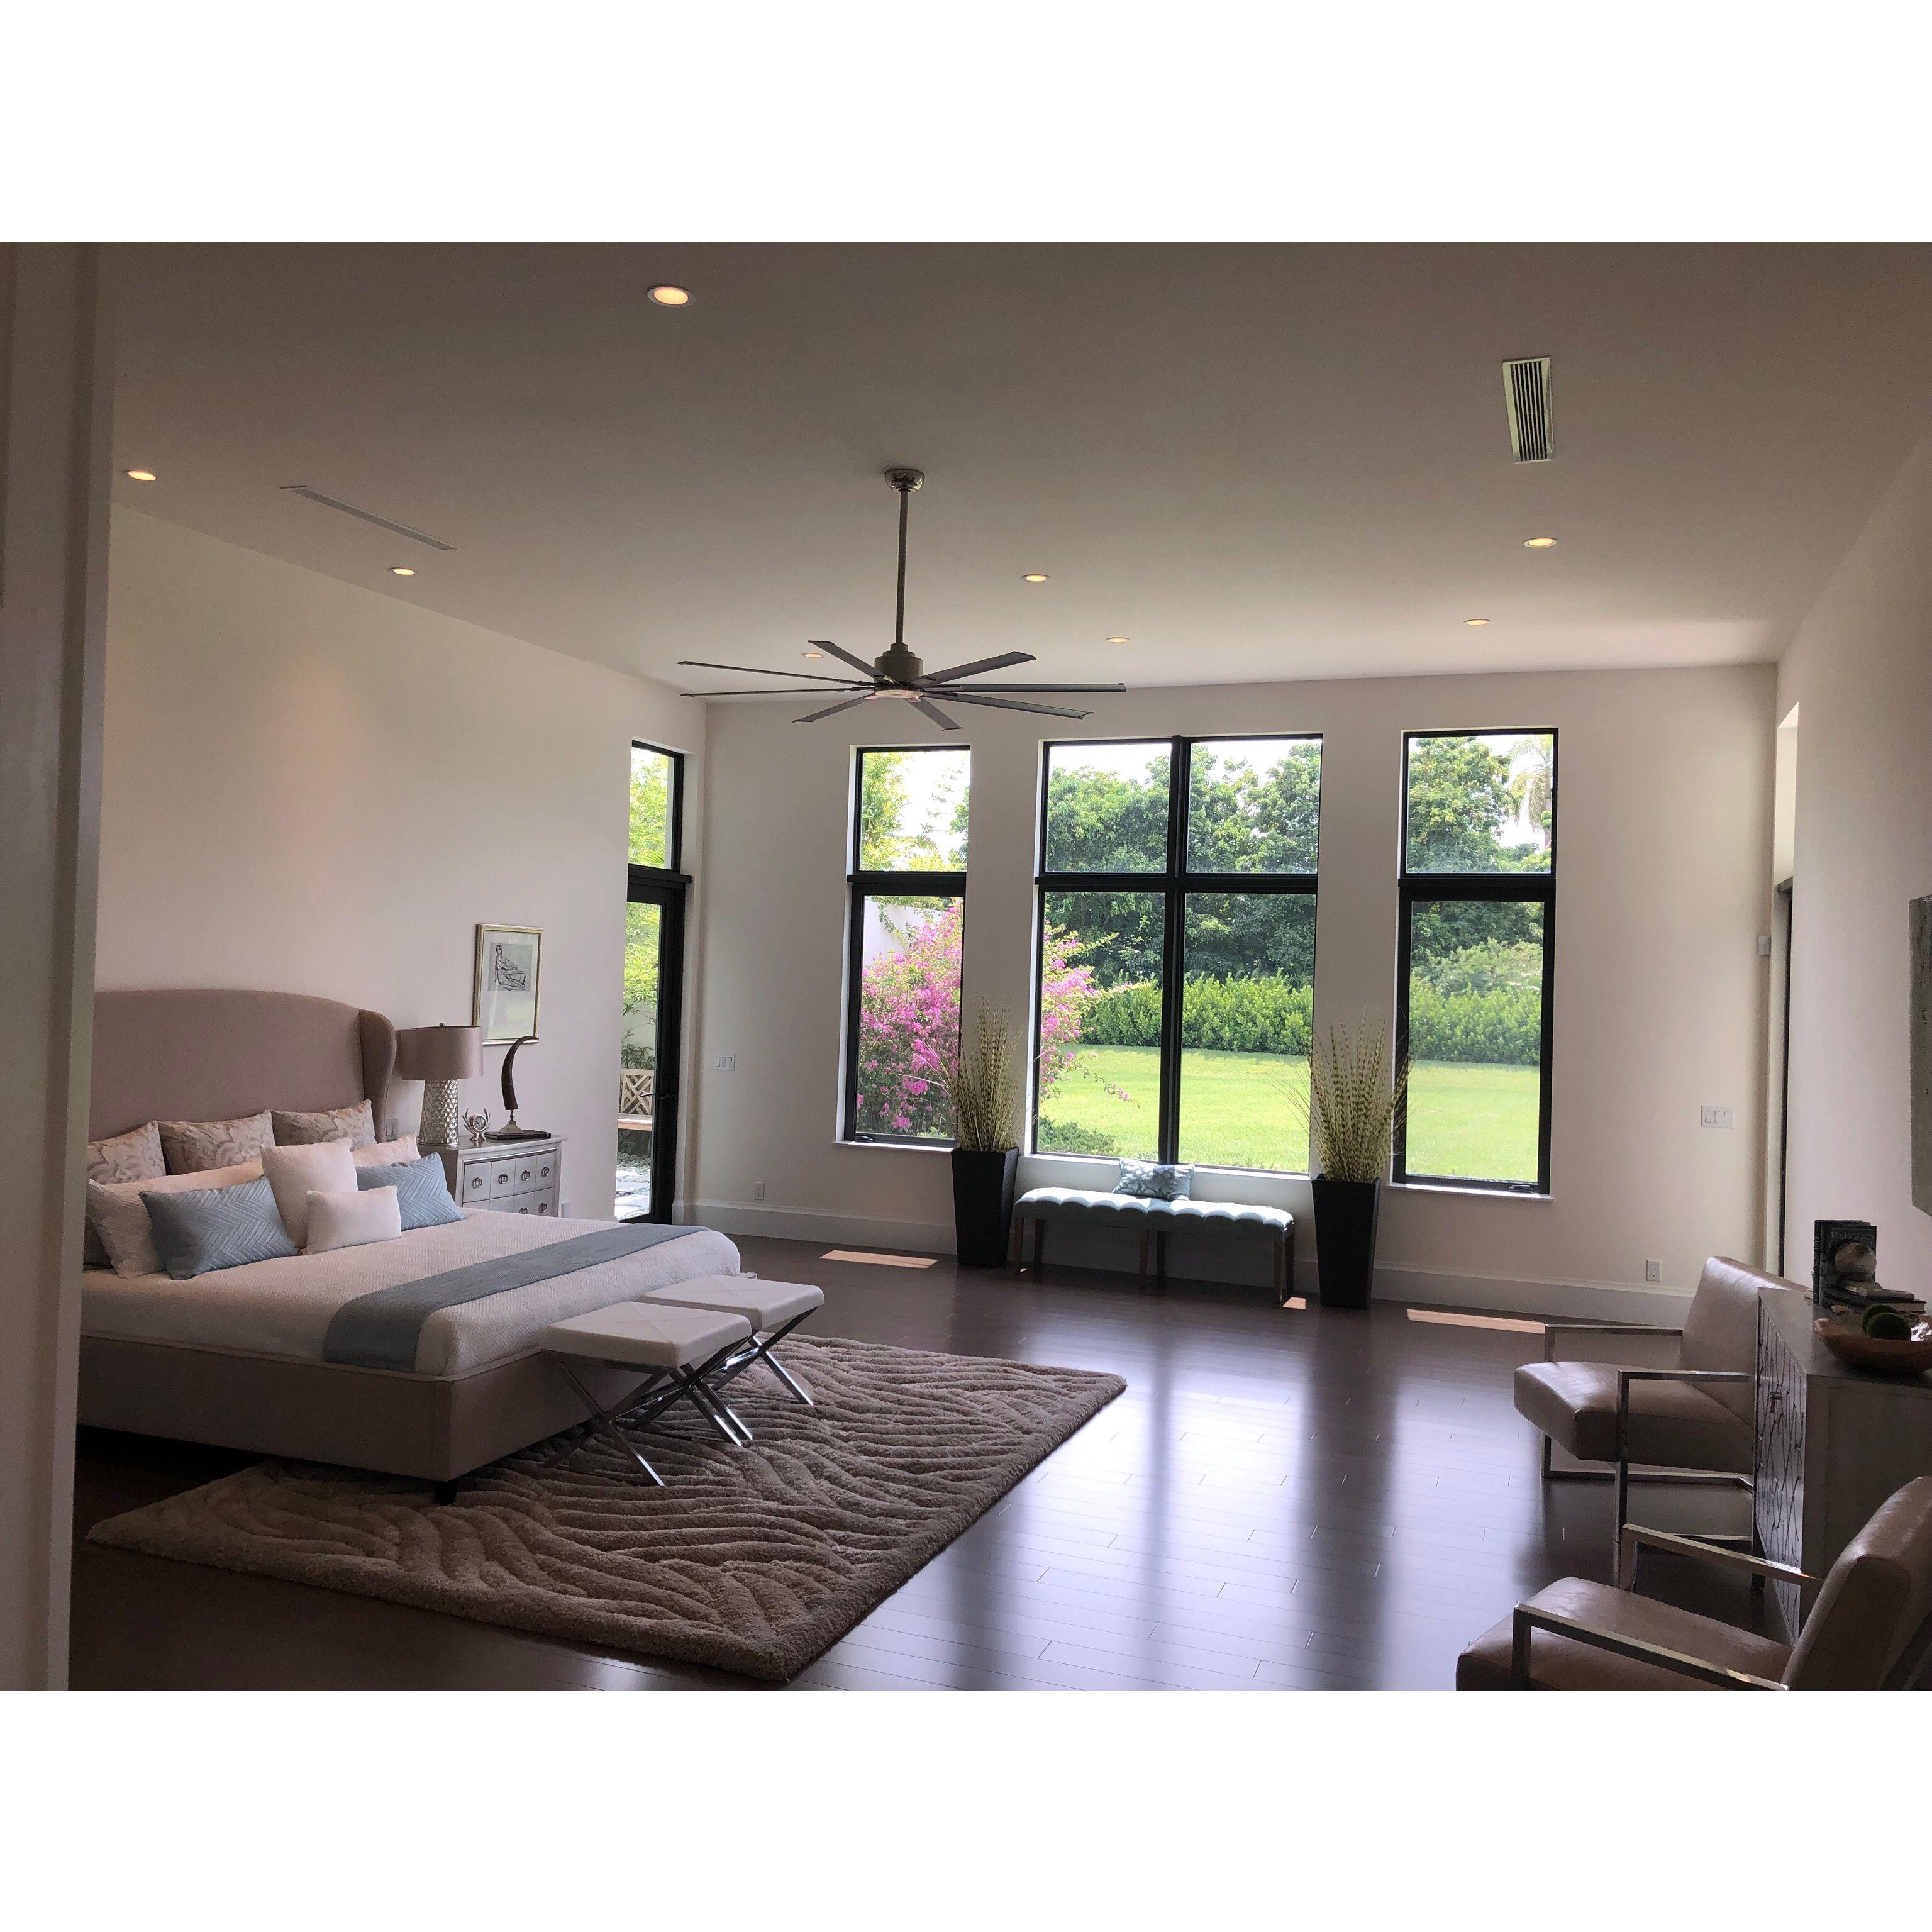 Bedroom Recessed lighting, Beautiful bedrooms, Cool lighting